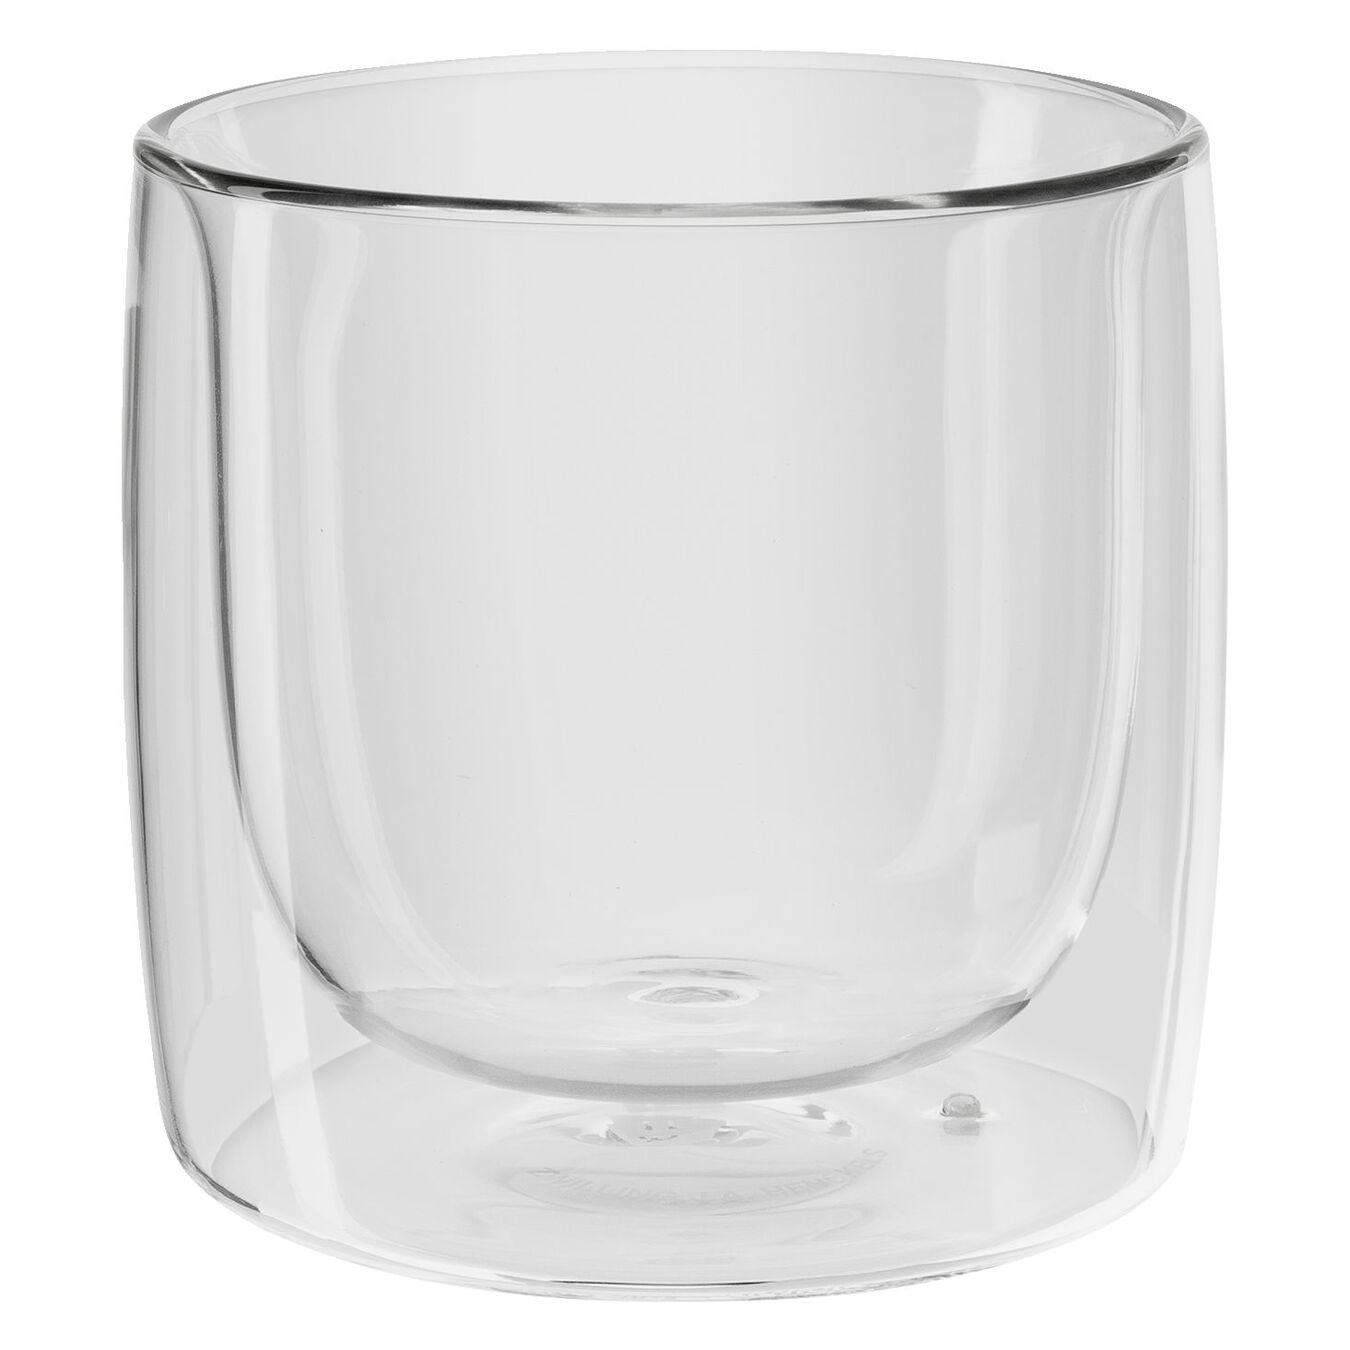 Whiskyglasset 250 ml,,large 1